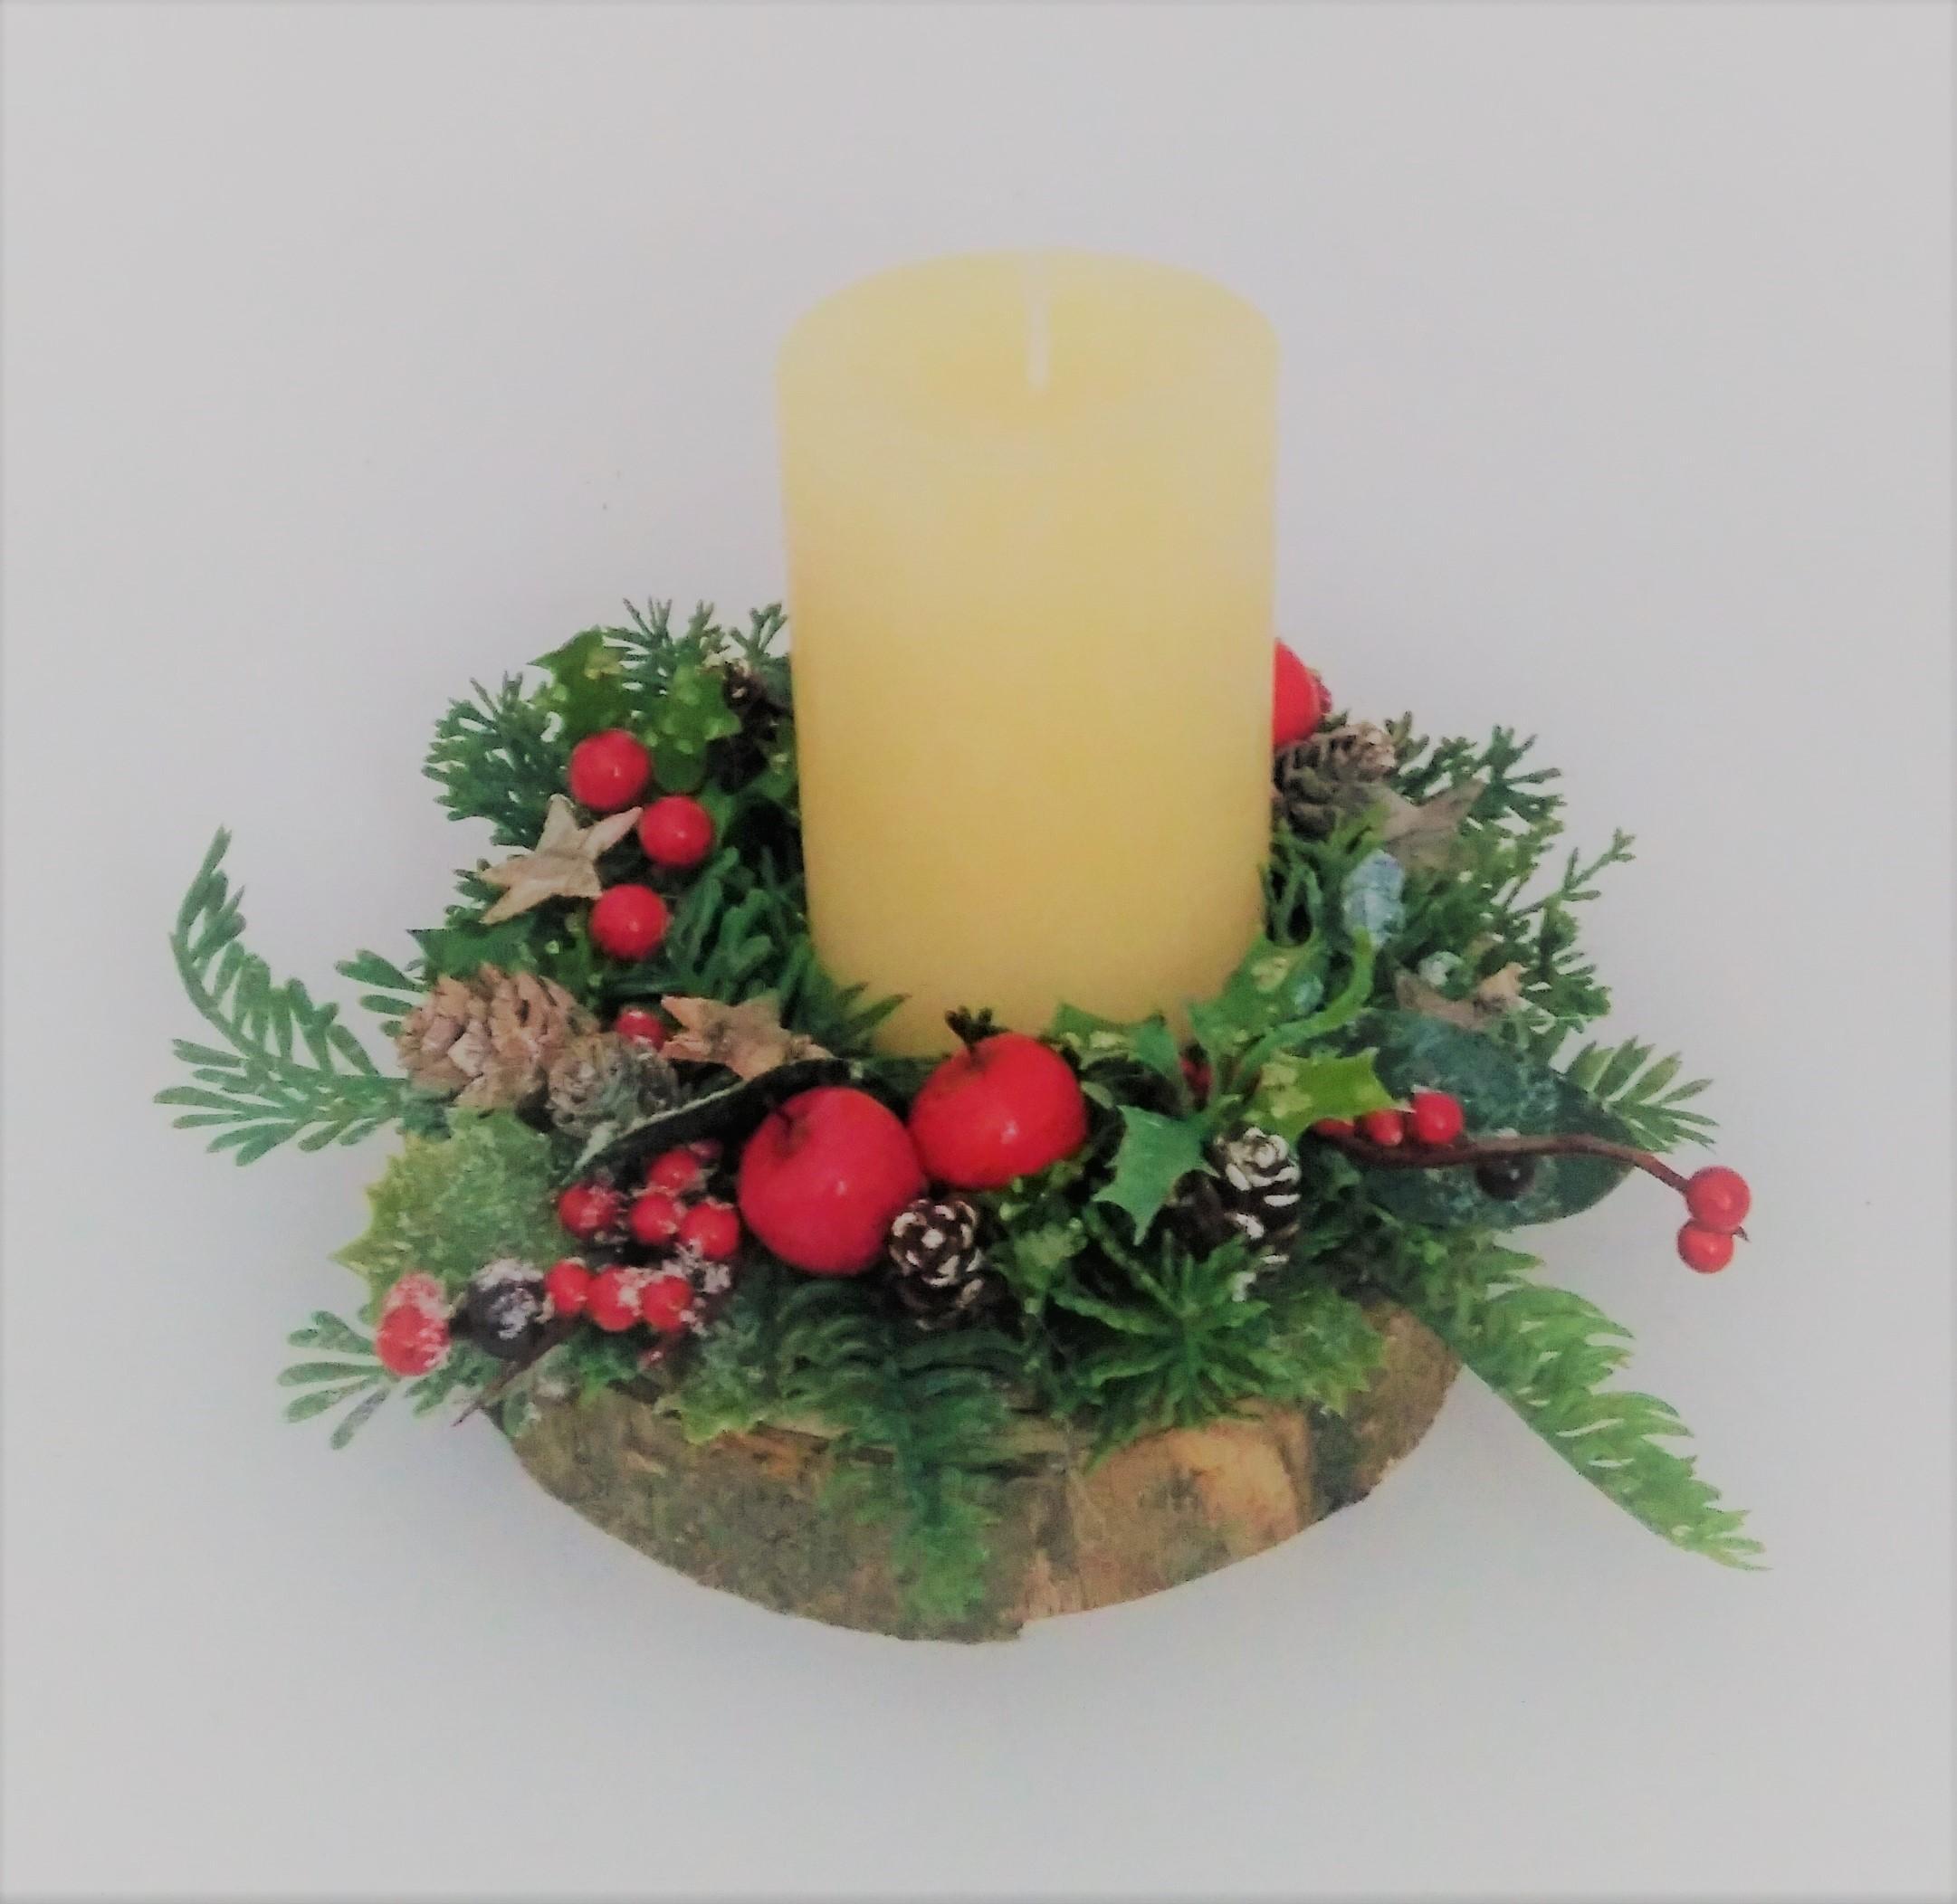 svietnik vianočný 16 x 14 cm